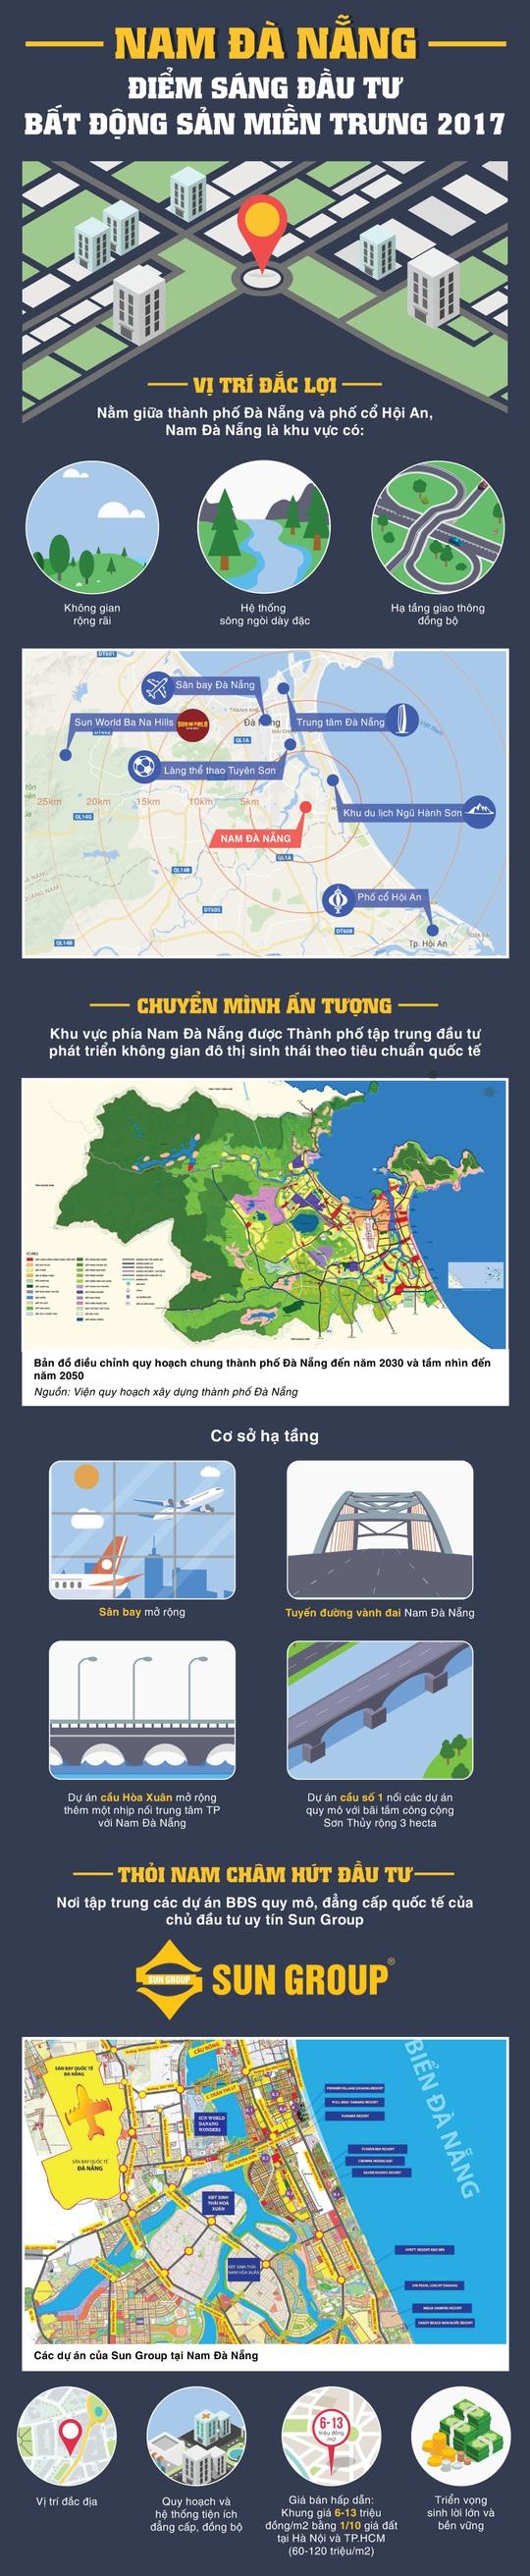 Vì sao sóng đầu tư đổ về bất động sản Nam Đà Nẵng?